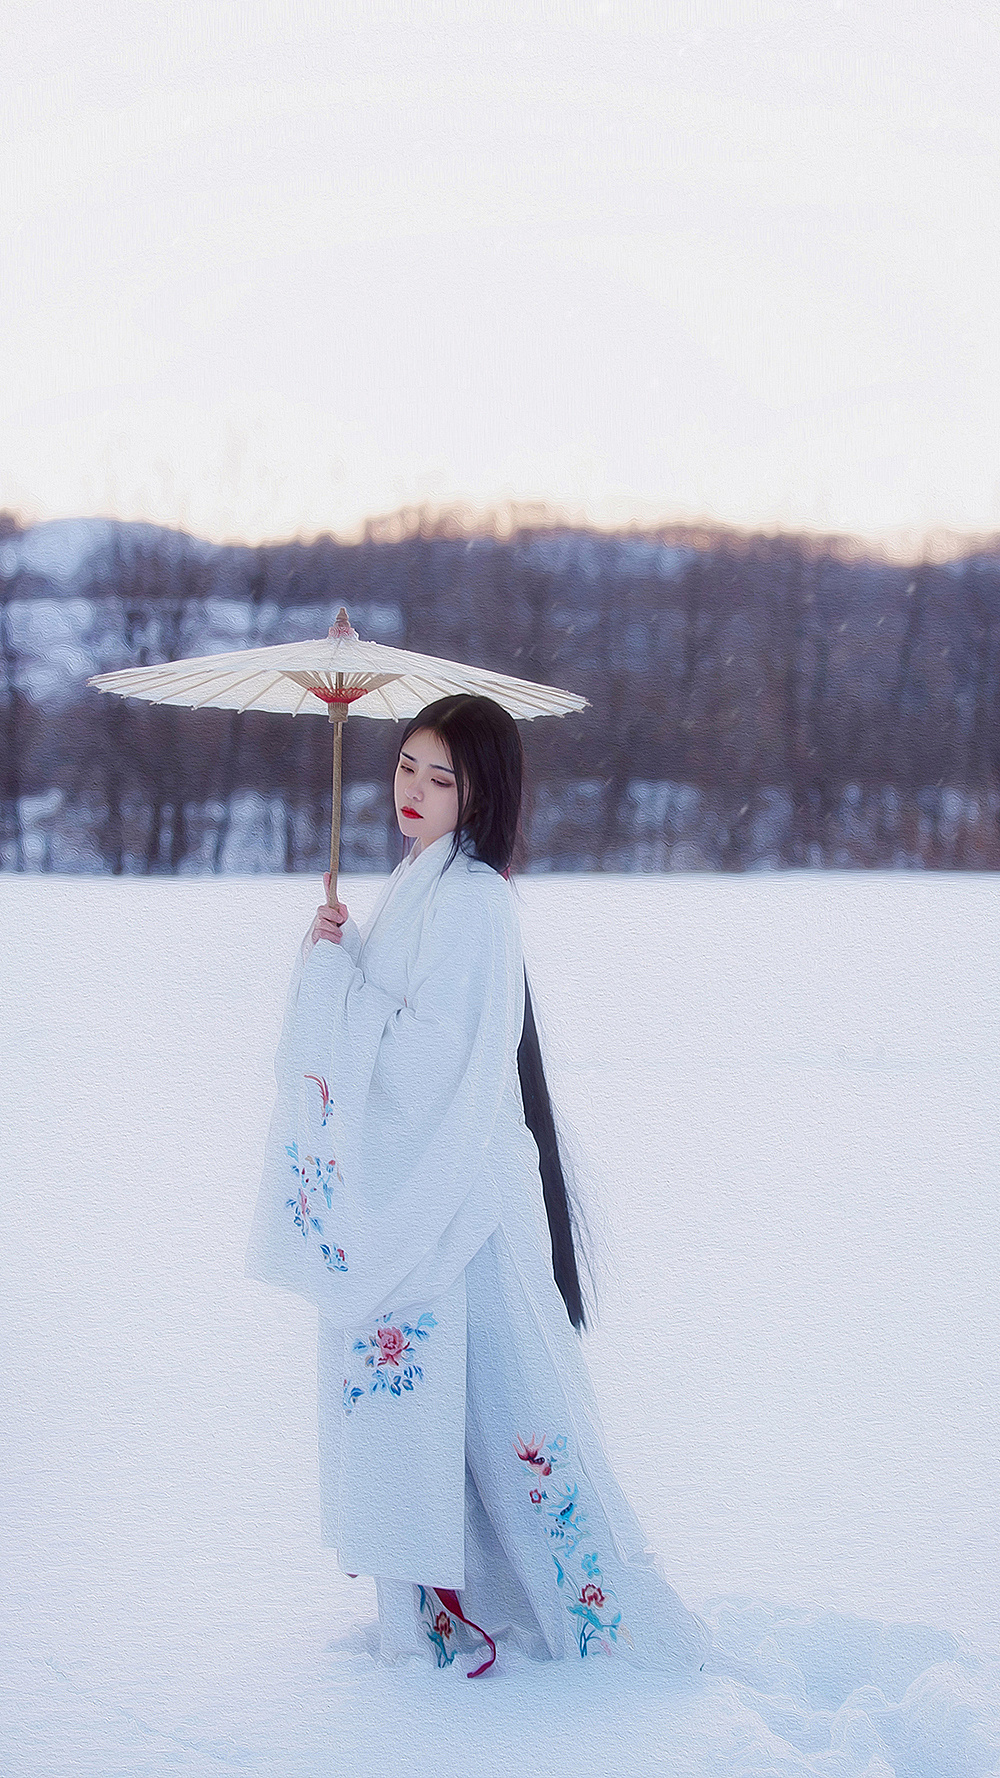 超清千山暮雪动感剧照刘恺威